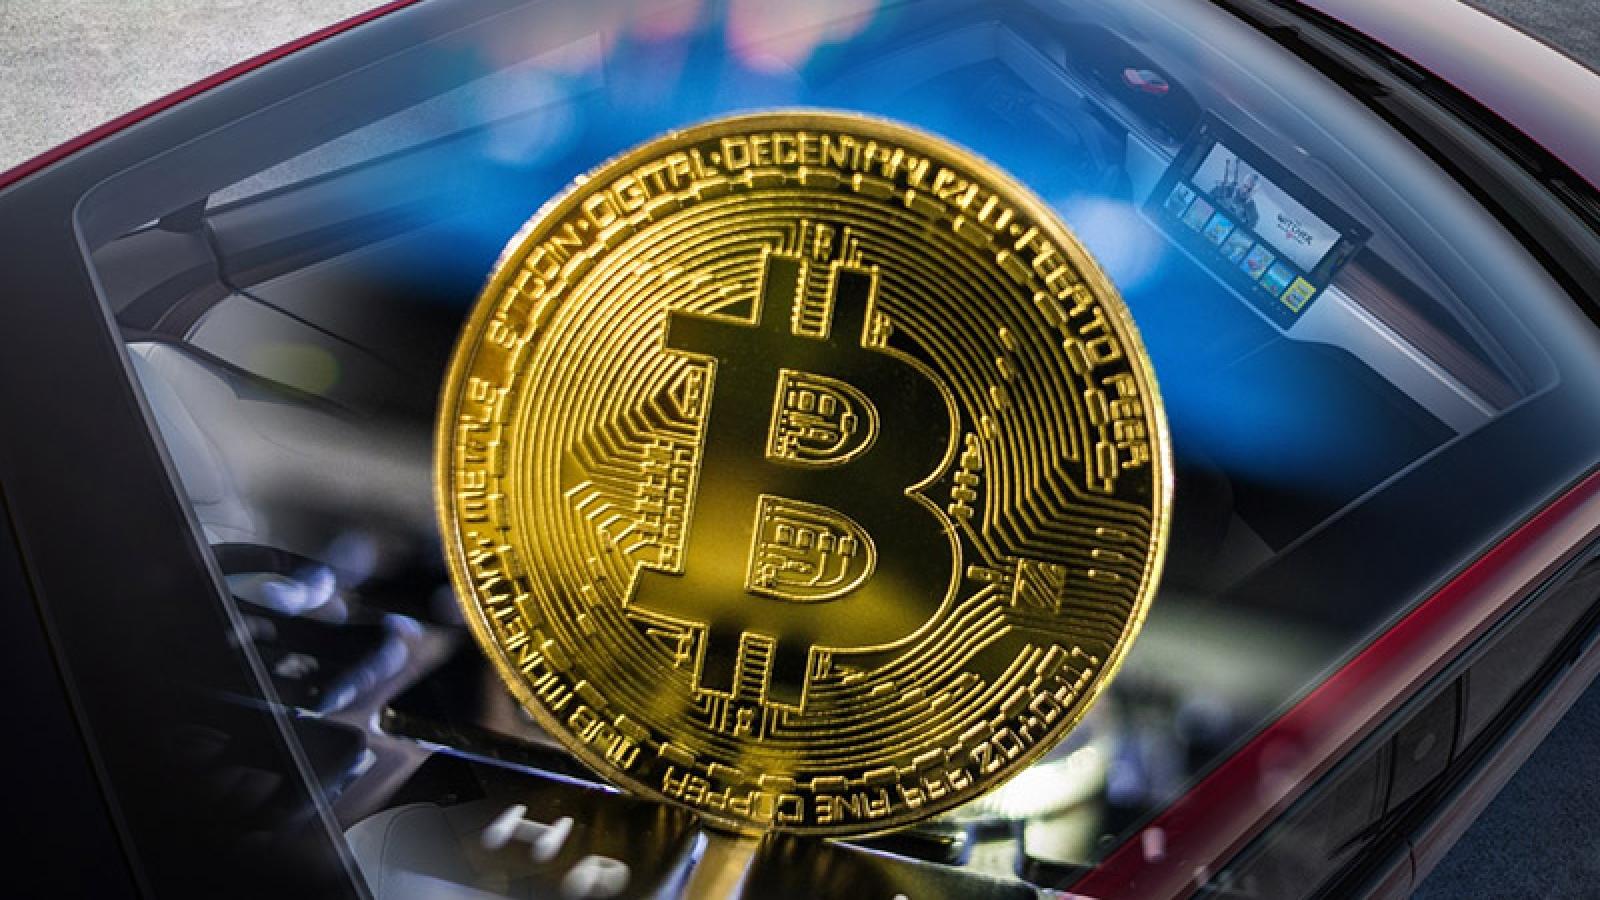 Giá trị Bitcoin giảm mạnh vì Tesla ngừng chấp nhận bán xe bằng Bitcoin